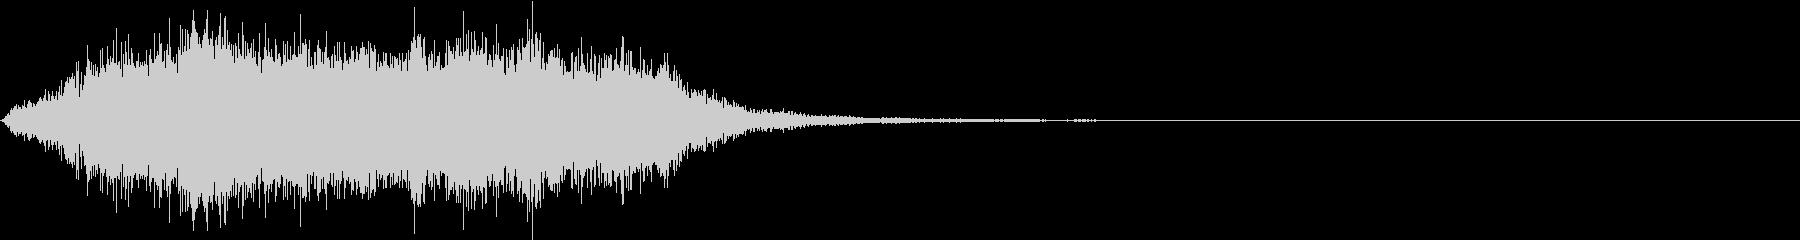 ロングアーミーソード:メタルシース...の未再生の波形